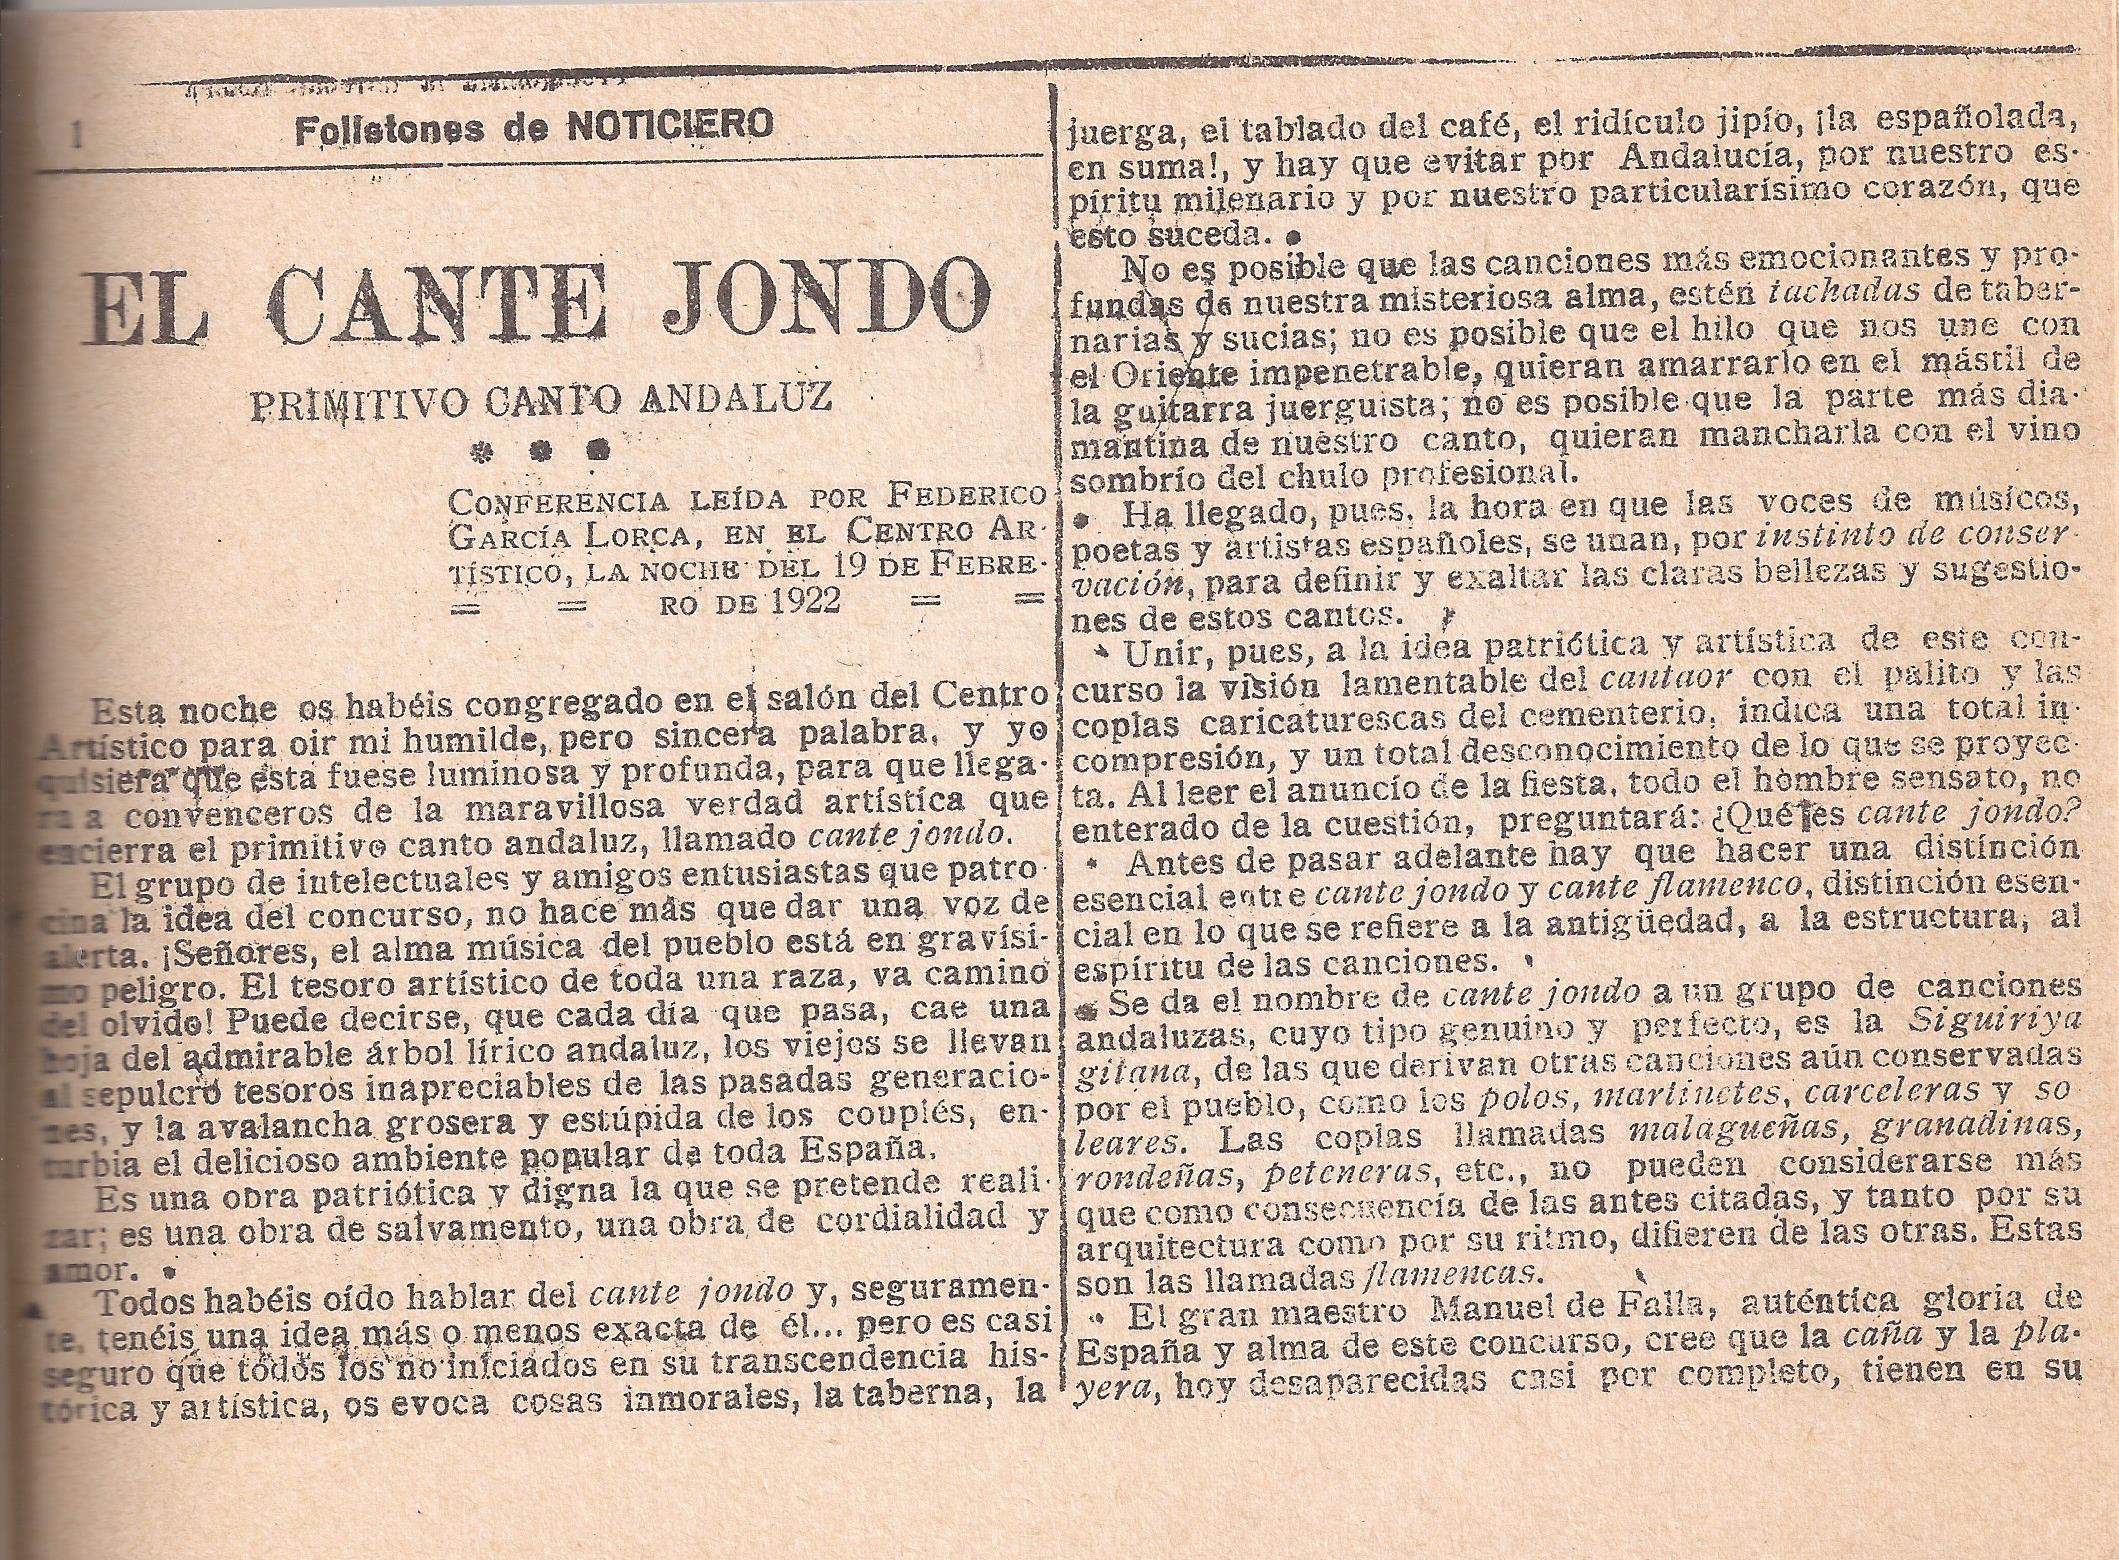 Primera entrega del folletón con la conferencia de Lorca sobre el cante jondo pronunciada en el Centro Artístico de Granada.